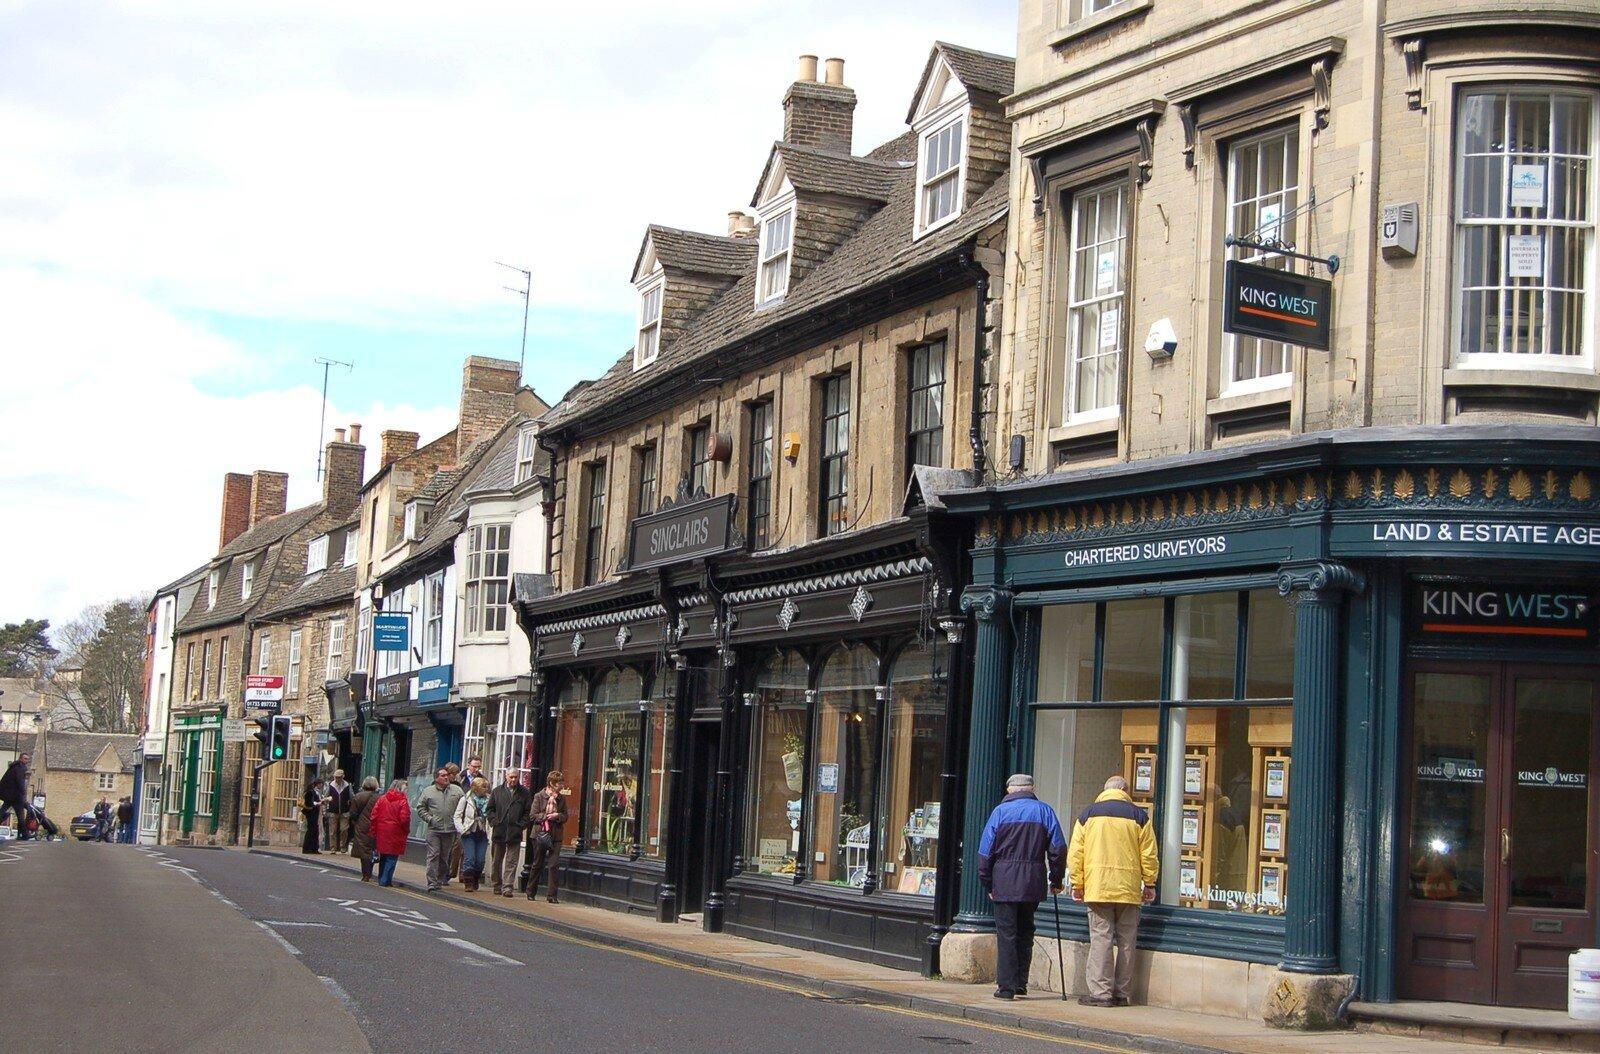 Stamford les boutiques les photos et diaporamas de damienne - Boutique en angleterre ...